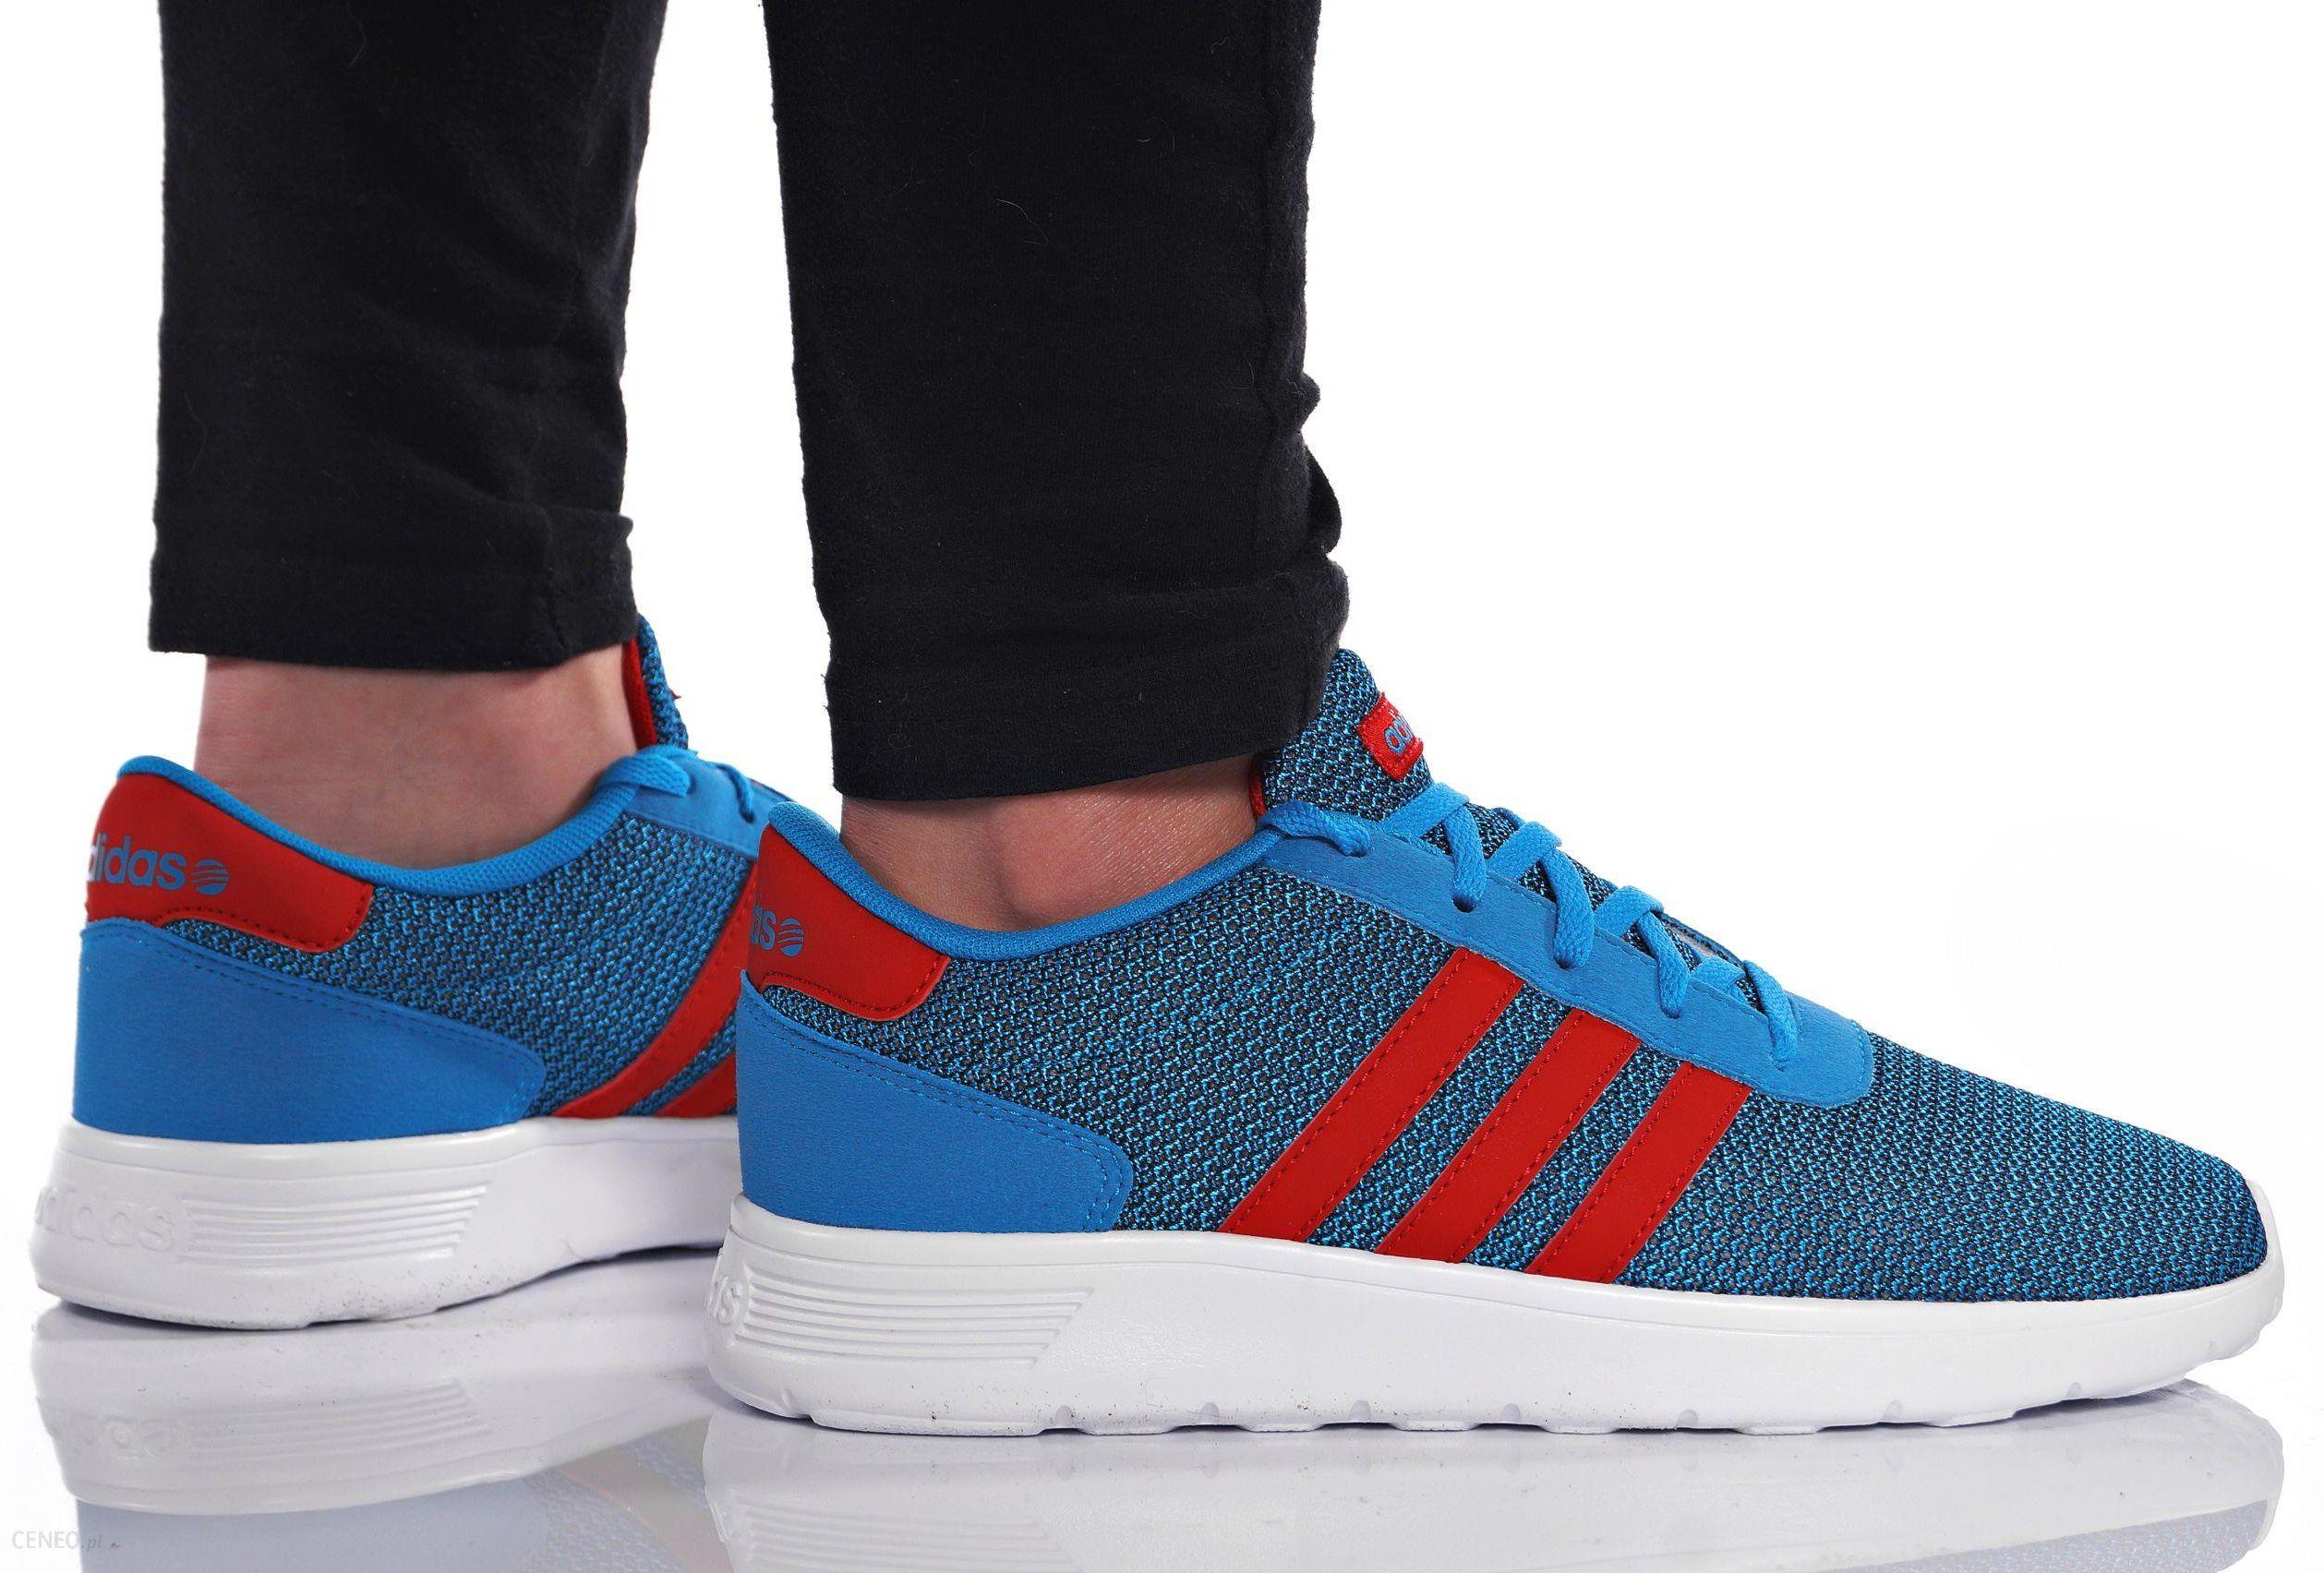 best sneakers 6e48b 56a5f Buty Damskie Adidas Lite Racer K F97937 Niebieskie - zdjęcie 1